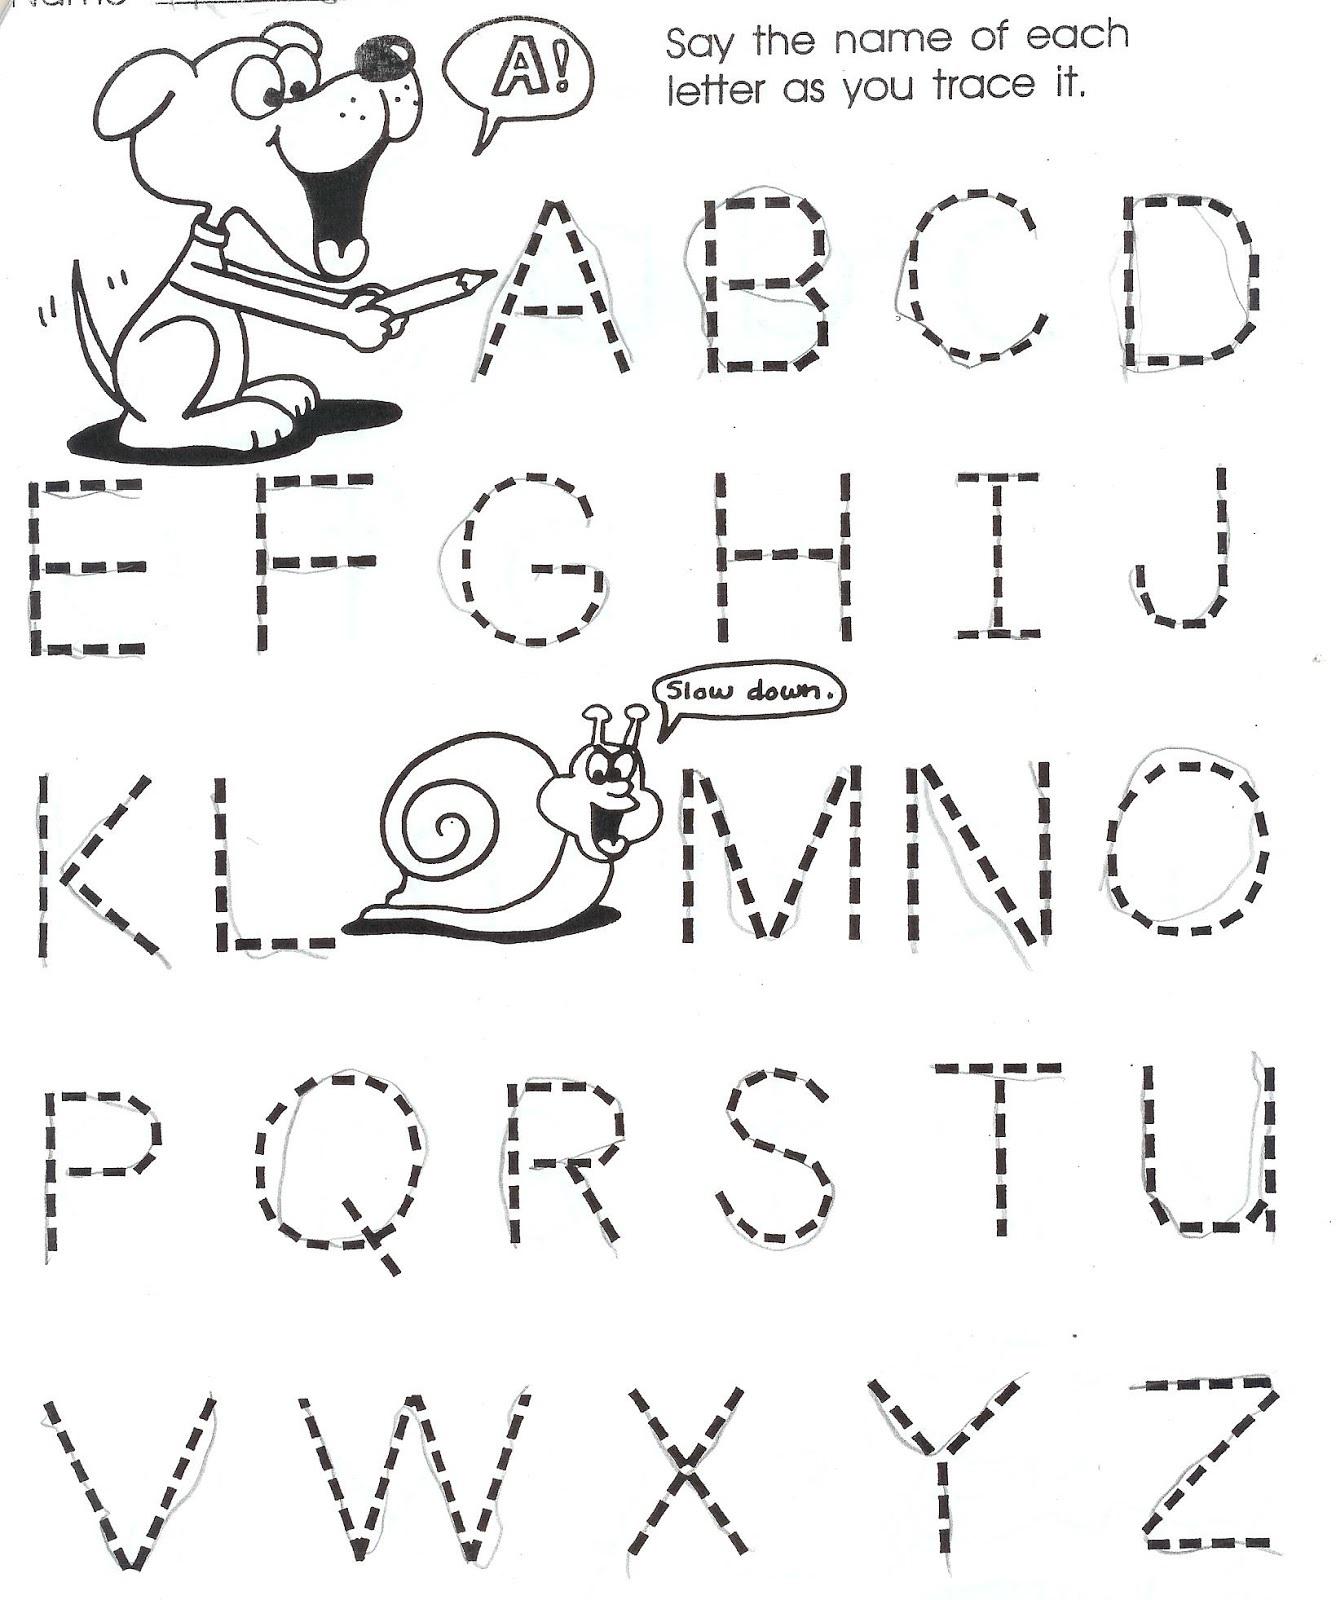 Preschool Worksheets 3 Year Olds 1174705 - Free Worksheets ...